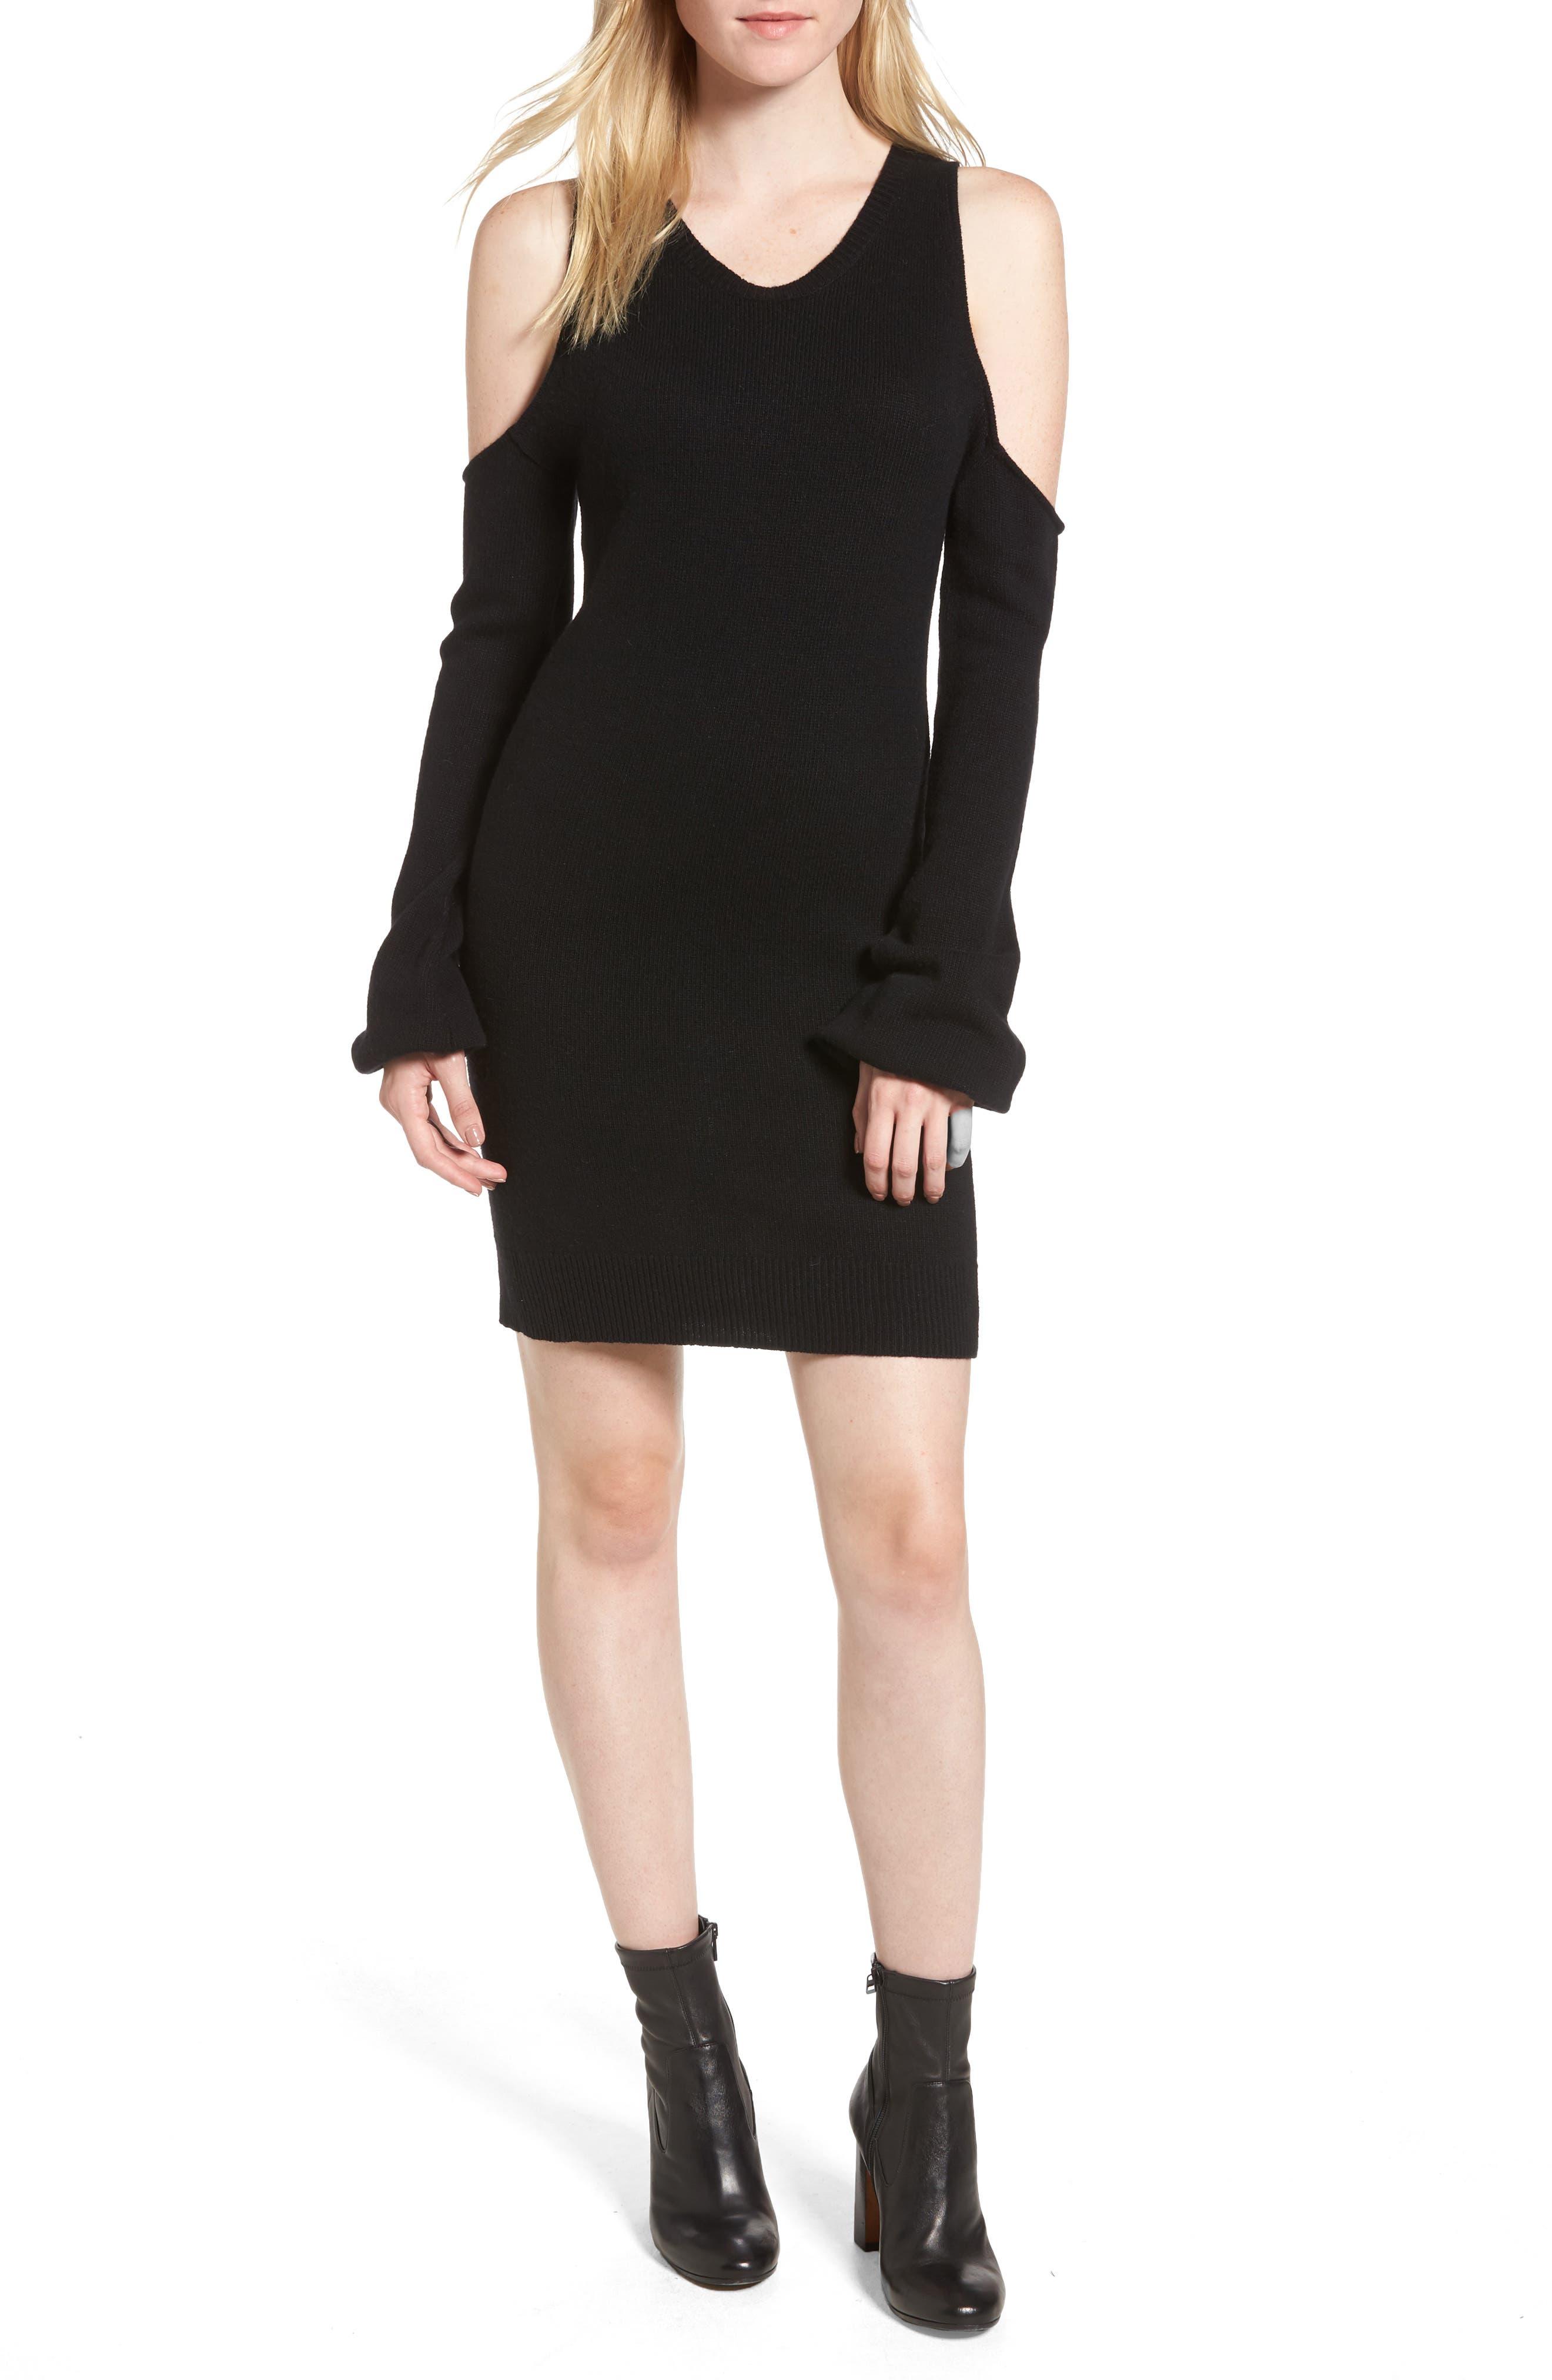 Main Image - Pam & Gela Cold Shoulder Sweater Dress